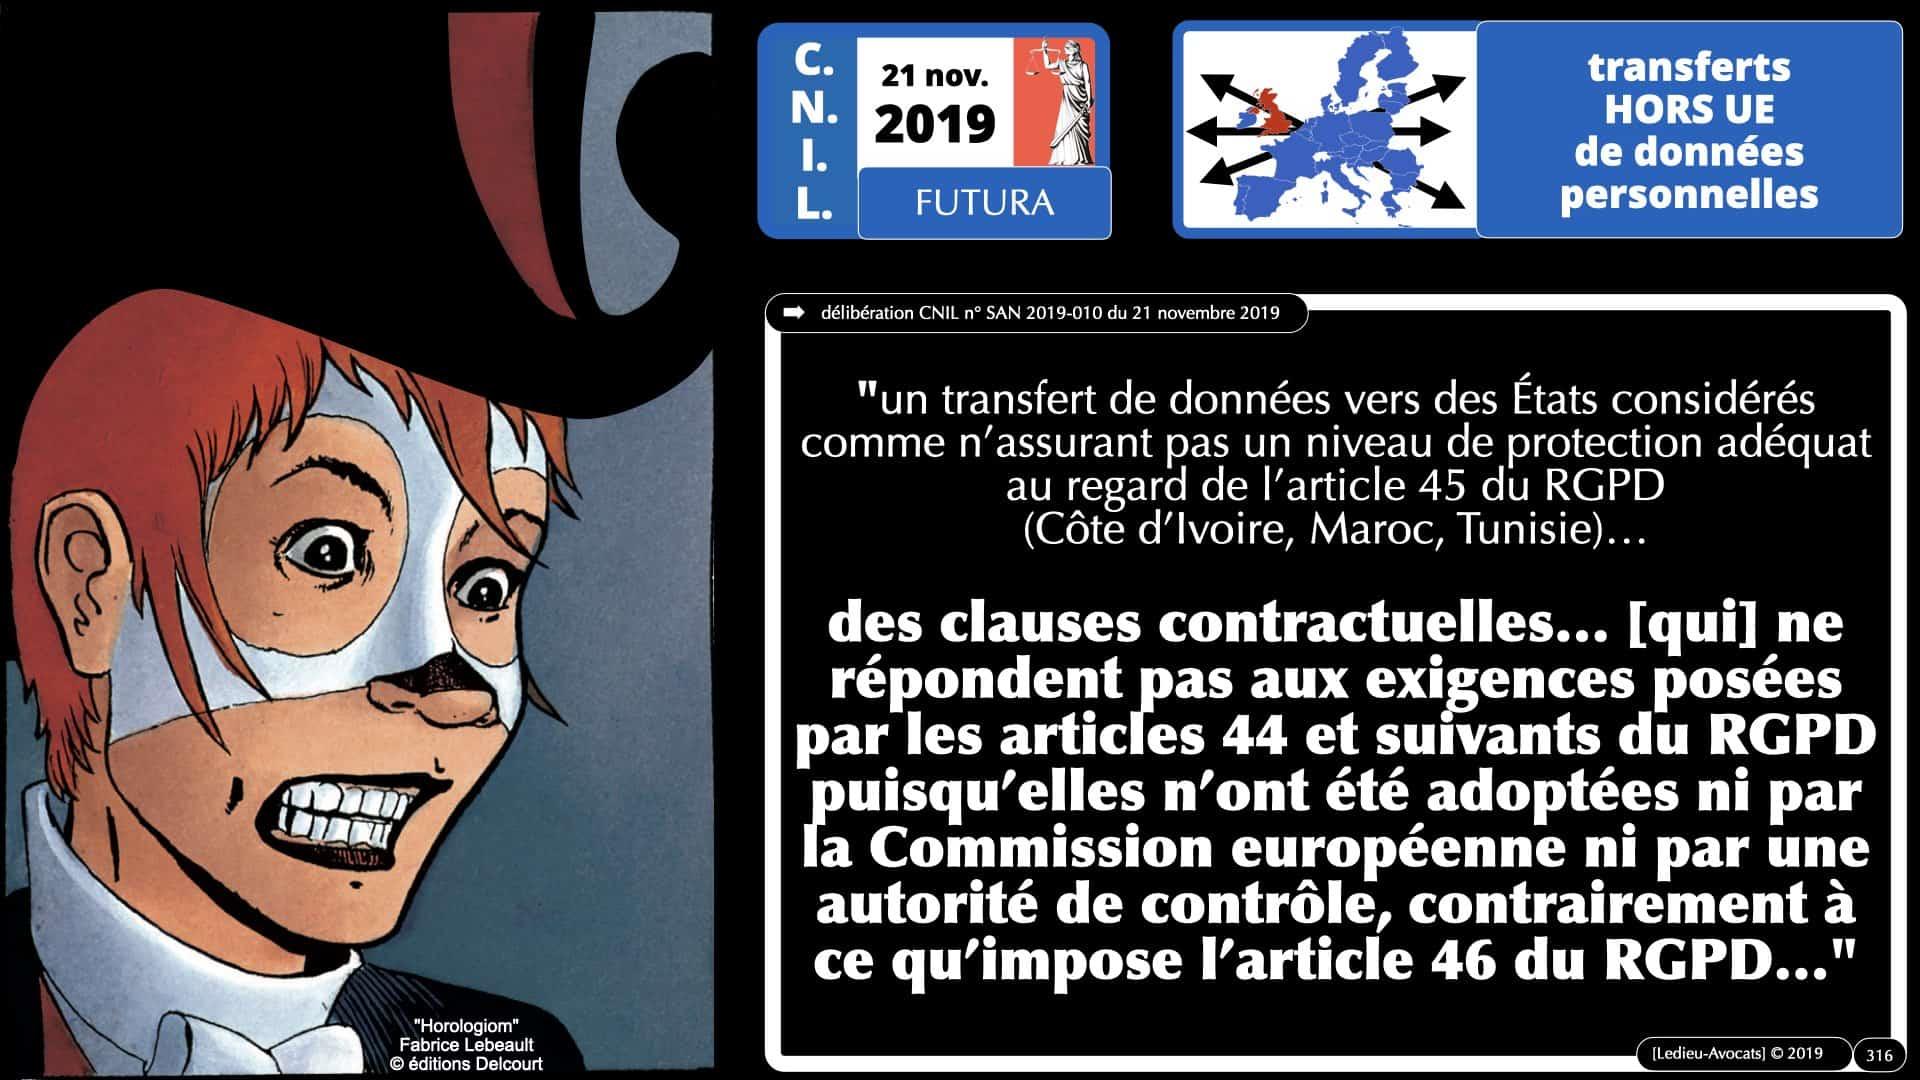 RGPD e-Privacy données personnelles jurisprudence formation Lamy Les Echos 10-02-2021 ©Ledieu-Avocats.316